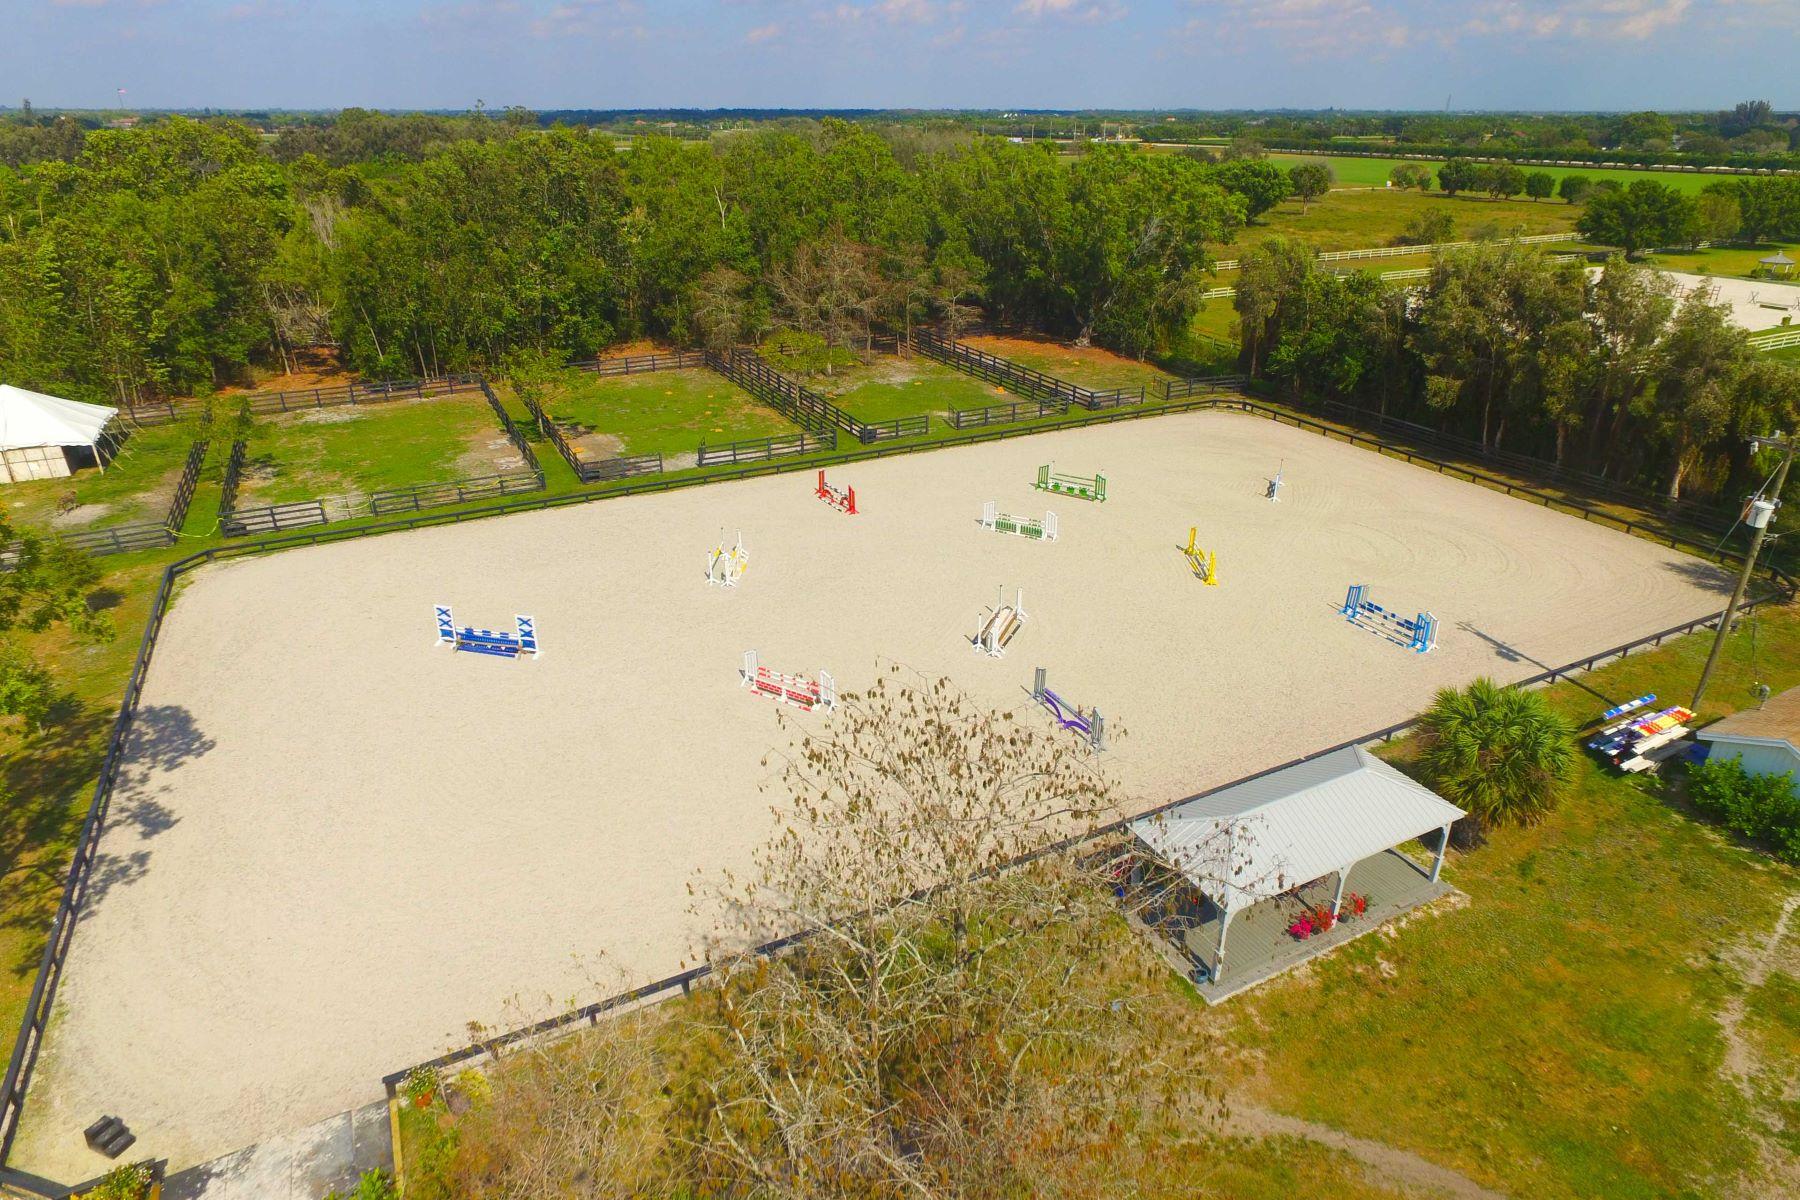 Ферма / ранчо / плантация для того Продажа на Palm Glade Reserves 13305 Indian Mound Wellington, Флорида, 33414 Соединенные Штаты